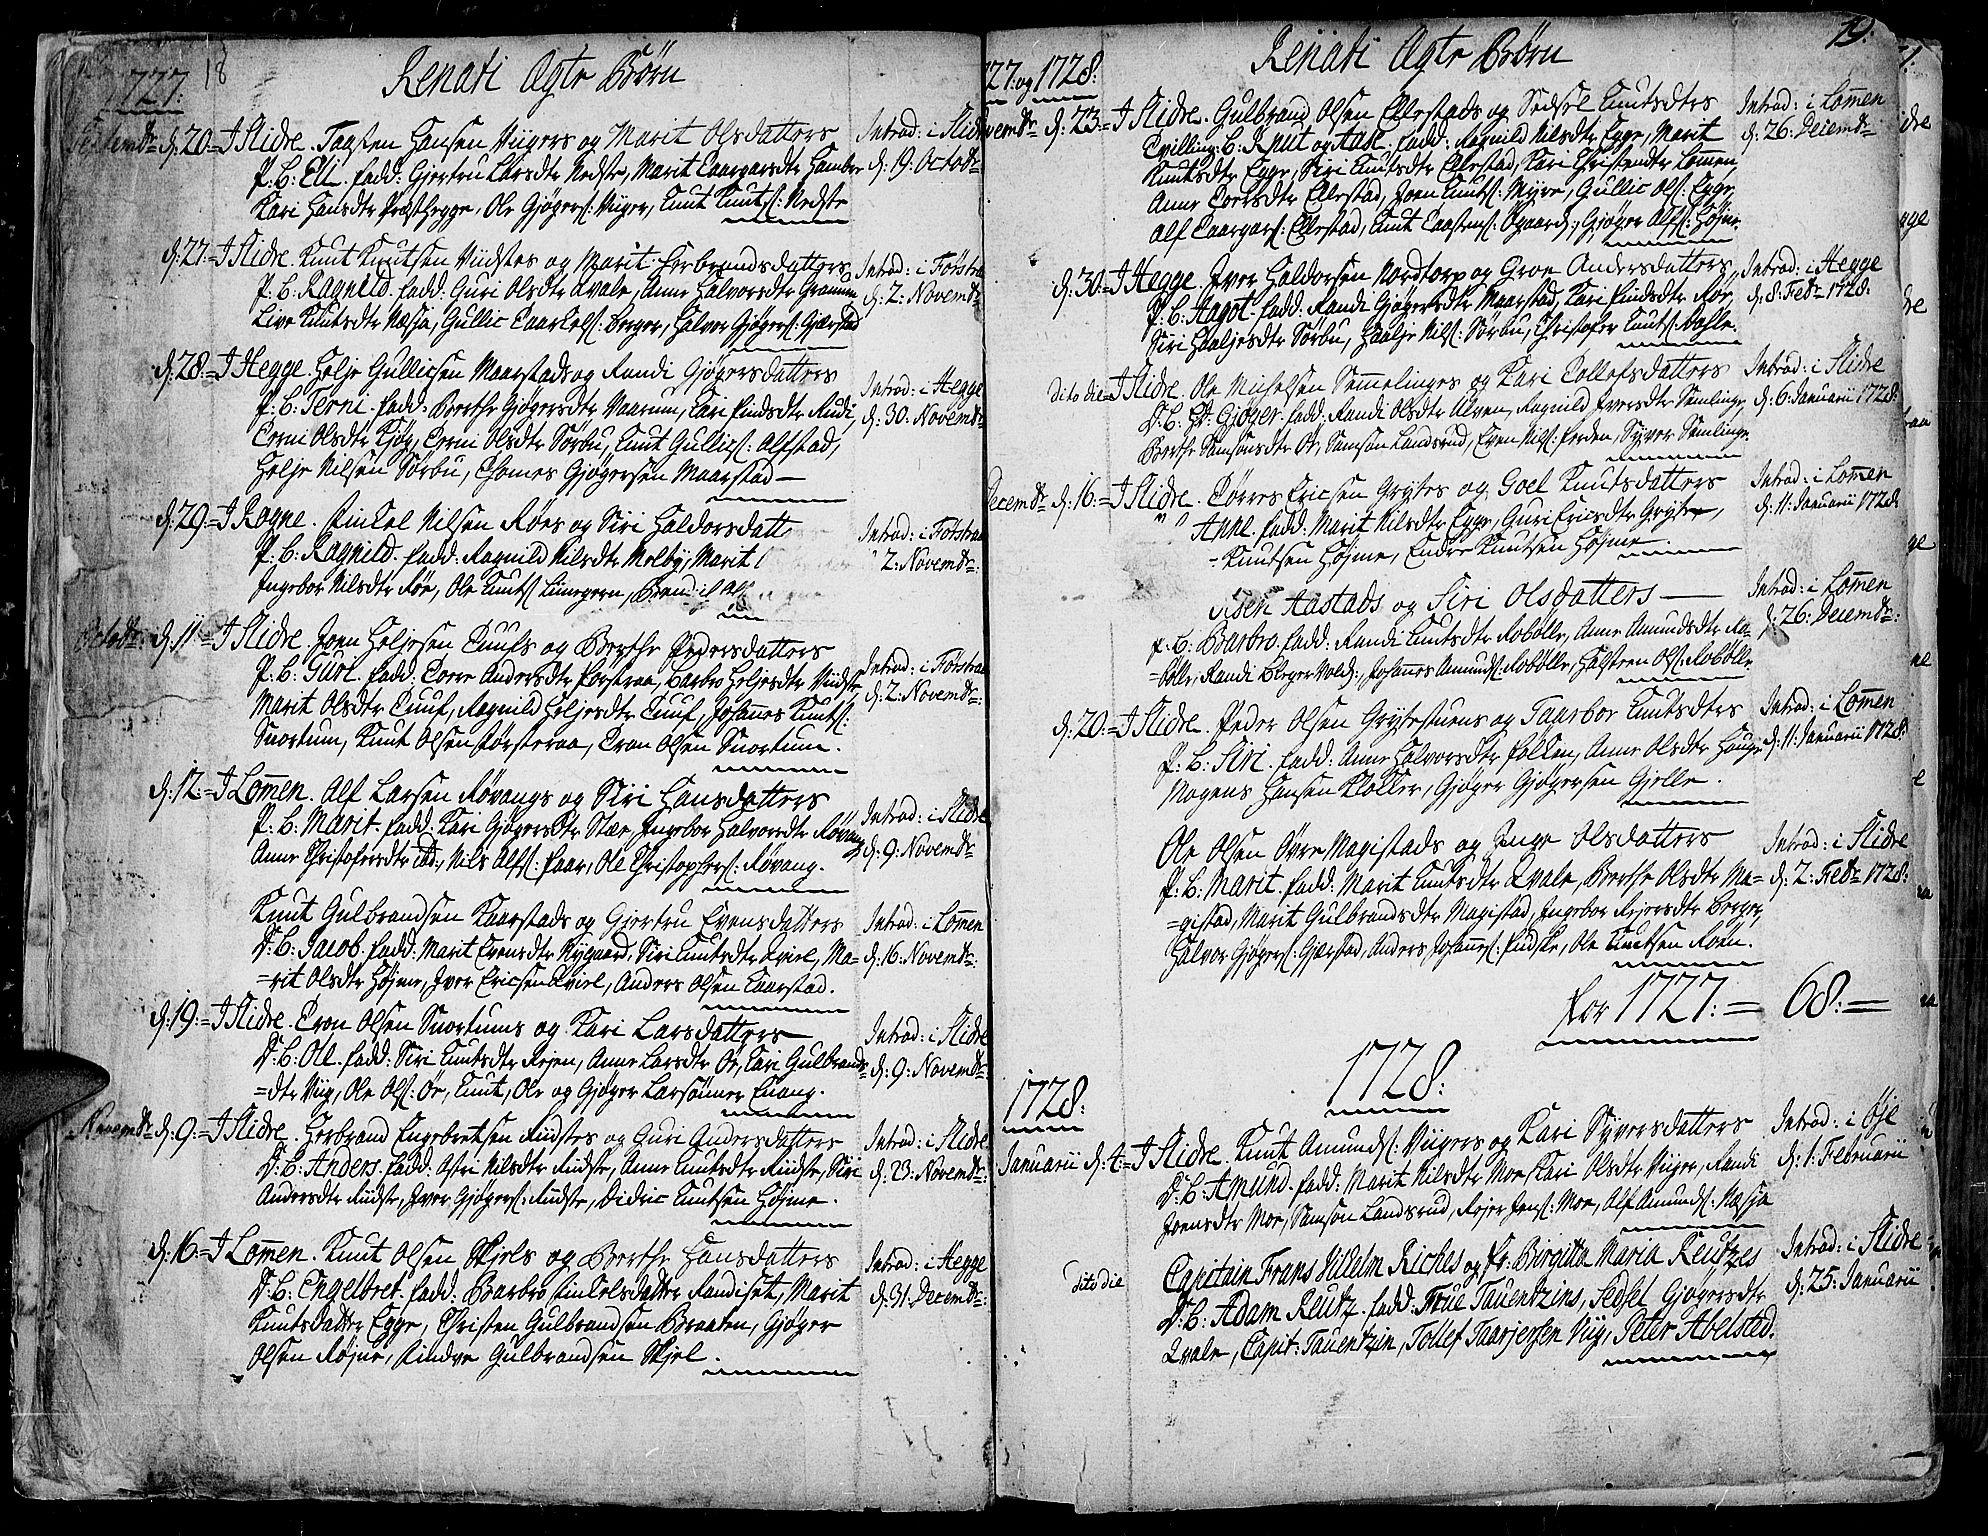 SAH, Slidre prestekontor, Ministerialbok nr. 1, 1724-1814, s. 18-19